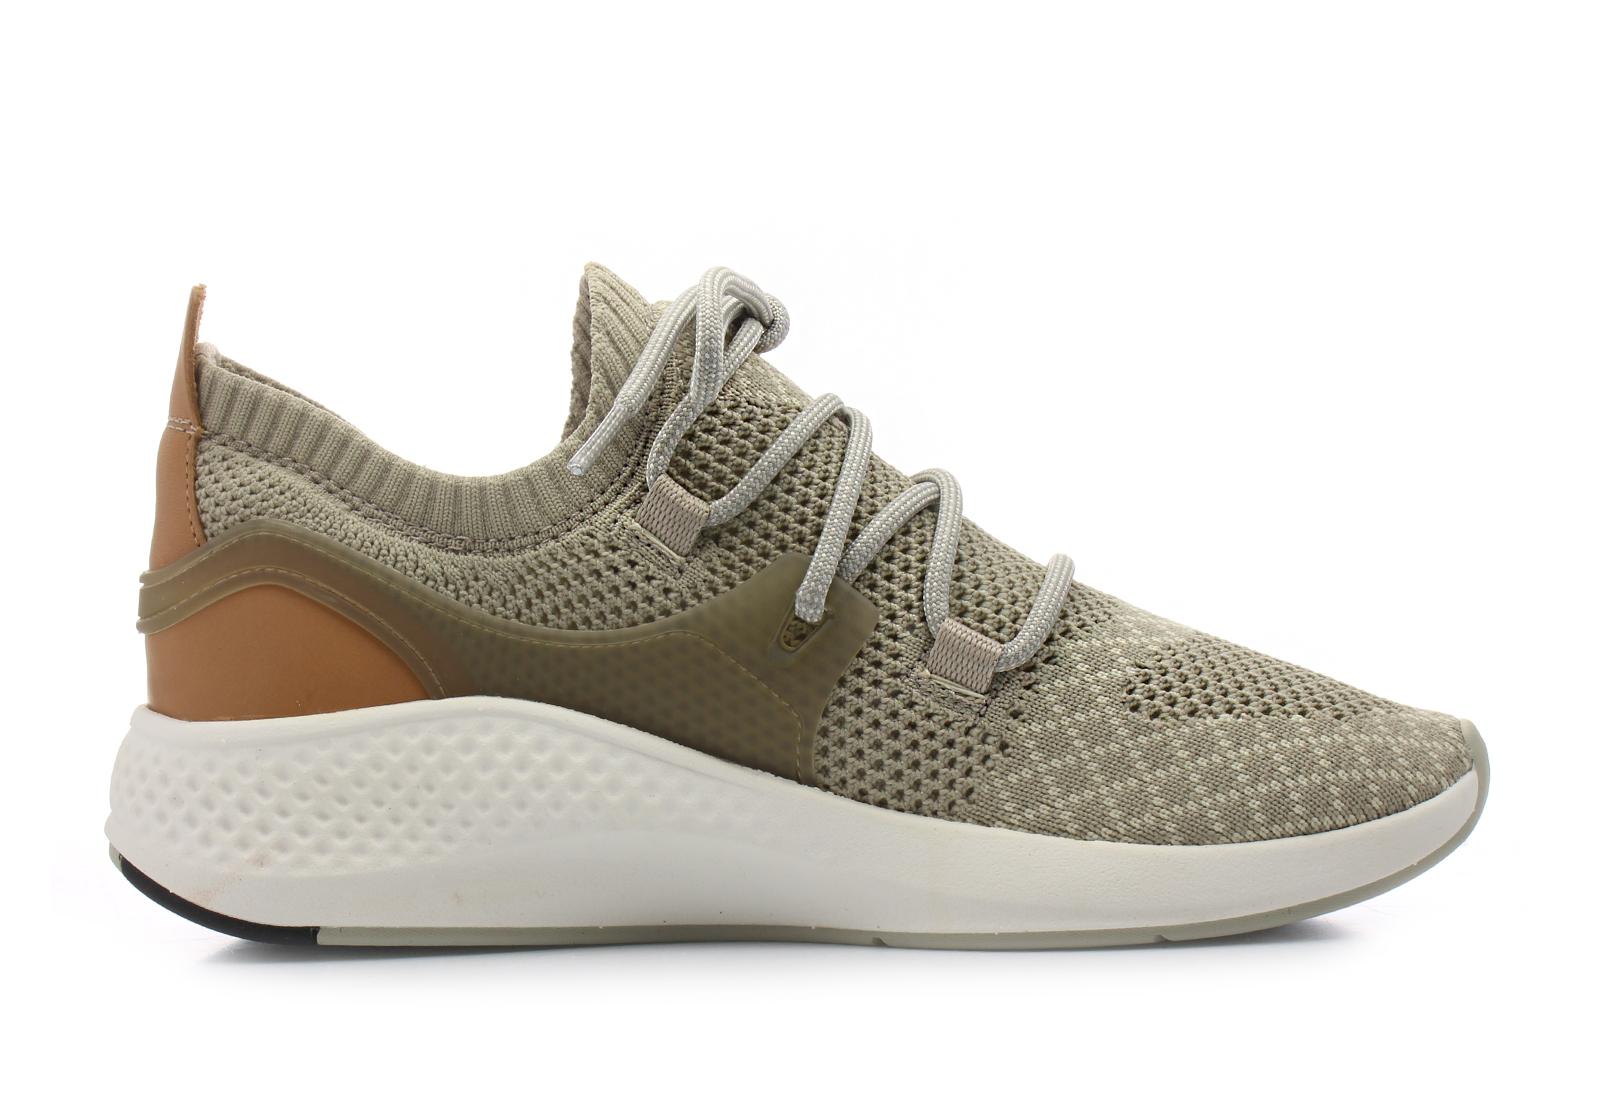 Timberland Shoes Flyroam Go A1nqd Cas Online Shop